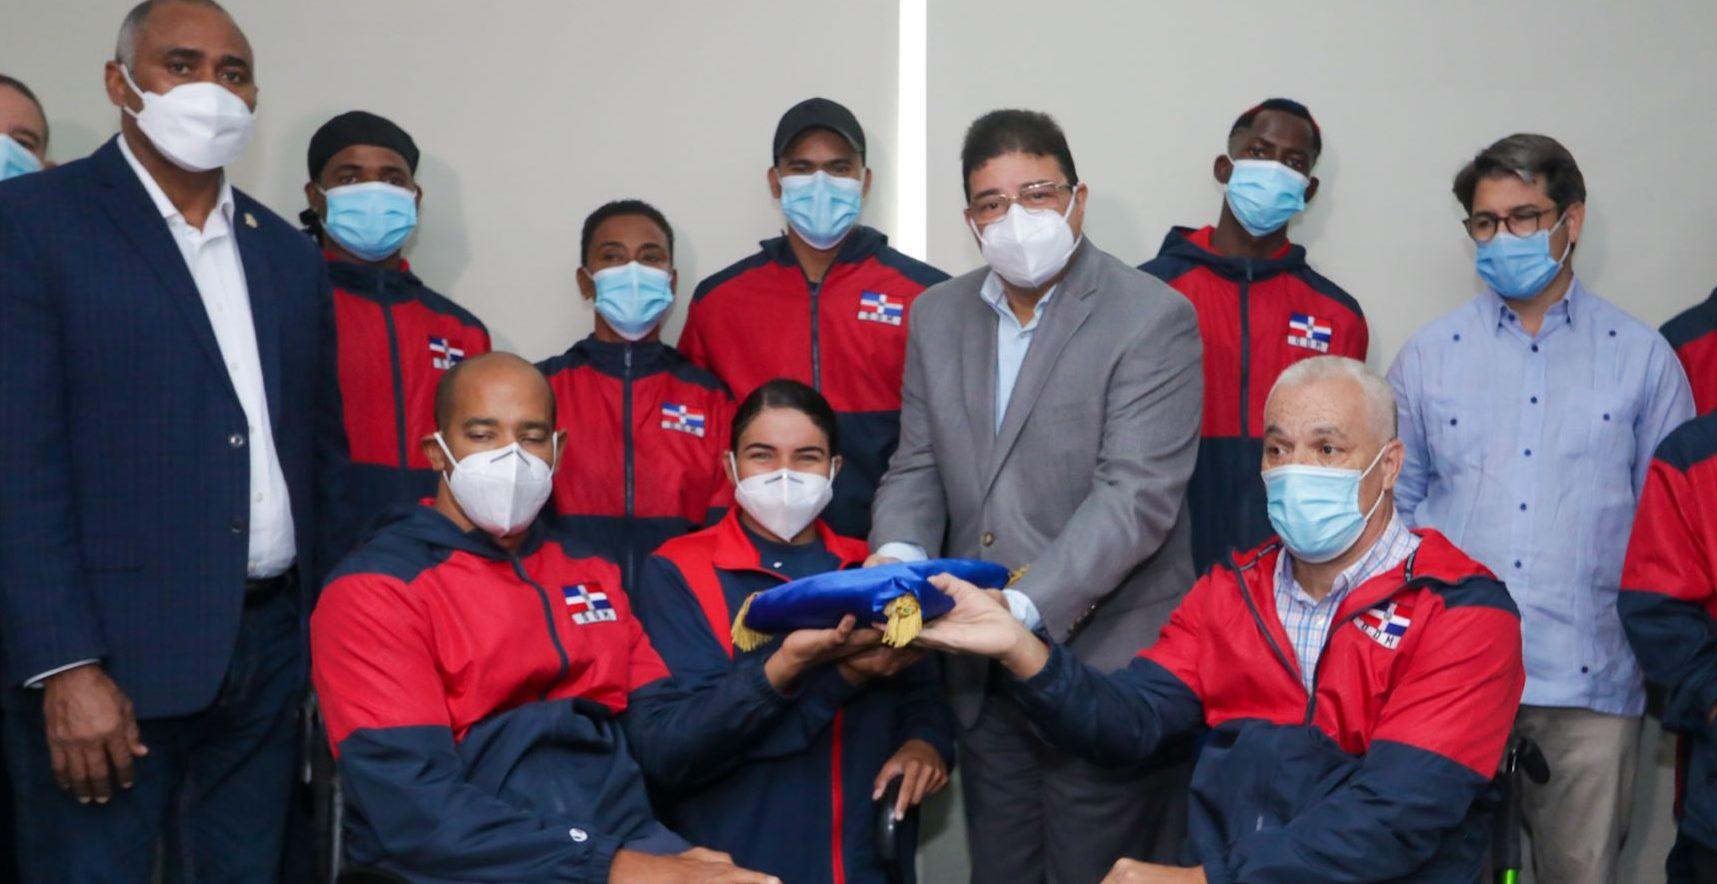 El ministro de Deportes Francisco Camacho entrega la bandera a la comitiva que representará al país en los Juegos Paralímpicos de Tokio 2020.